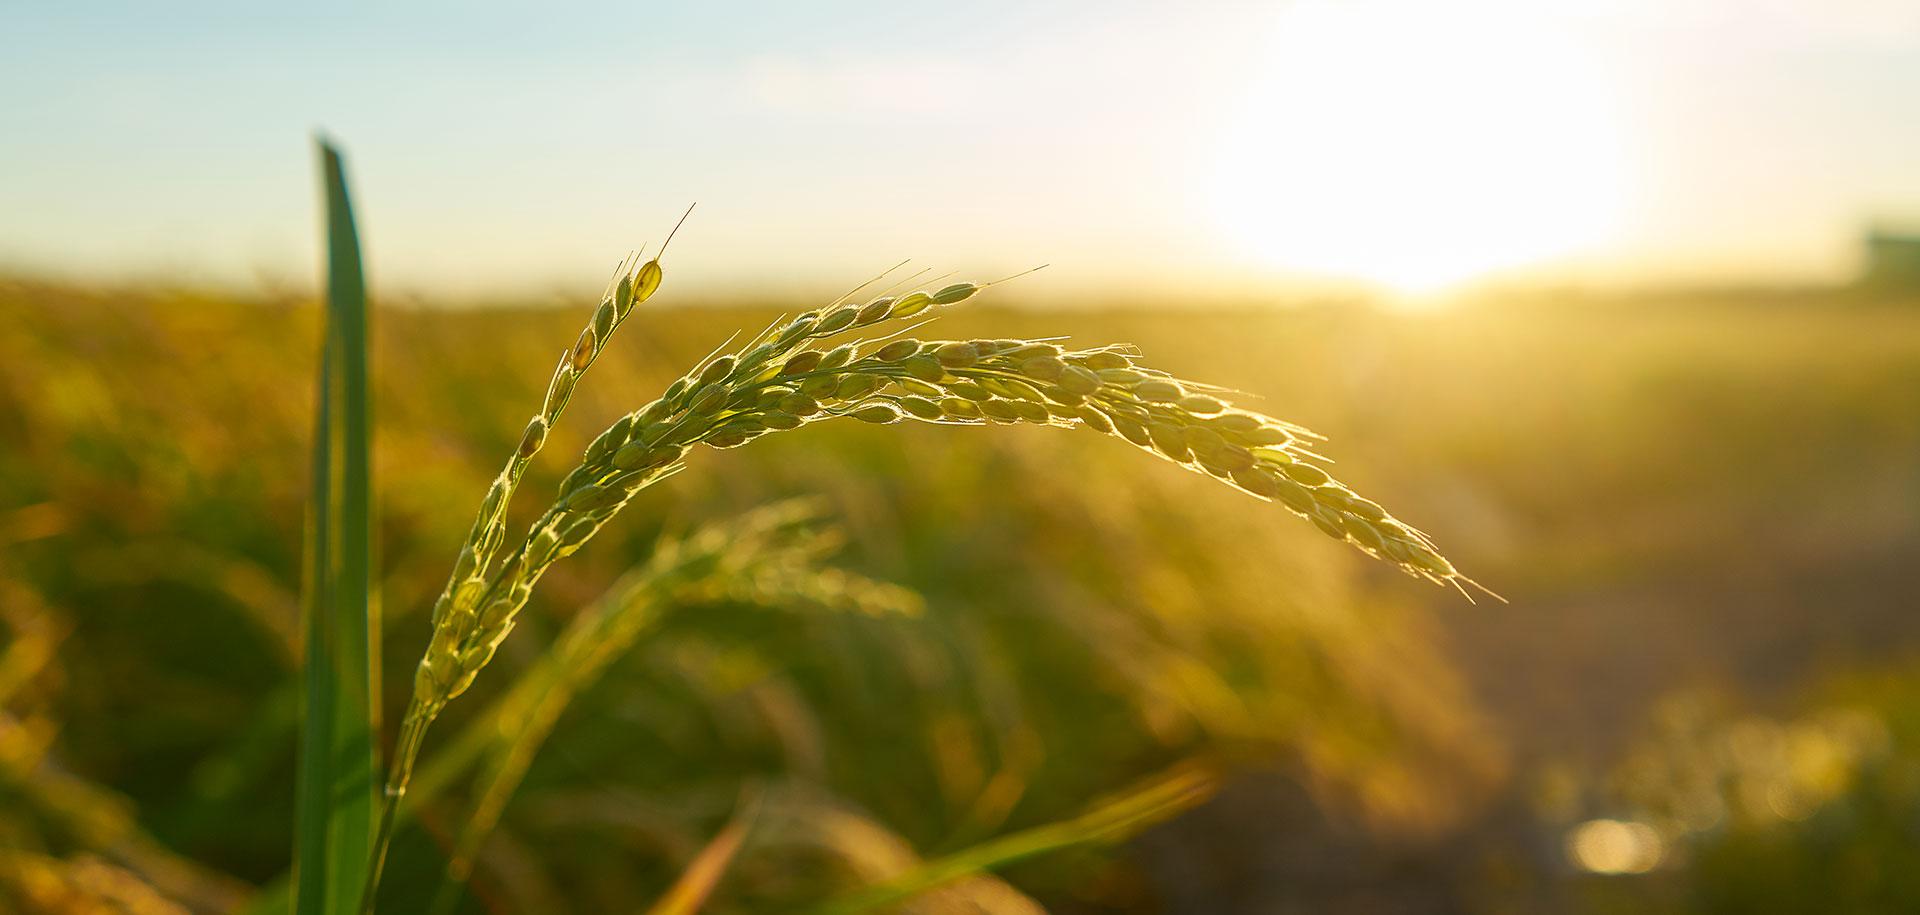 iniziative in sostegno all'agricoltura